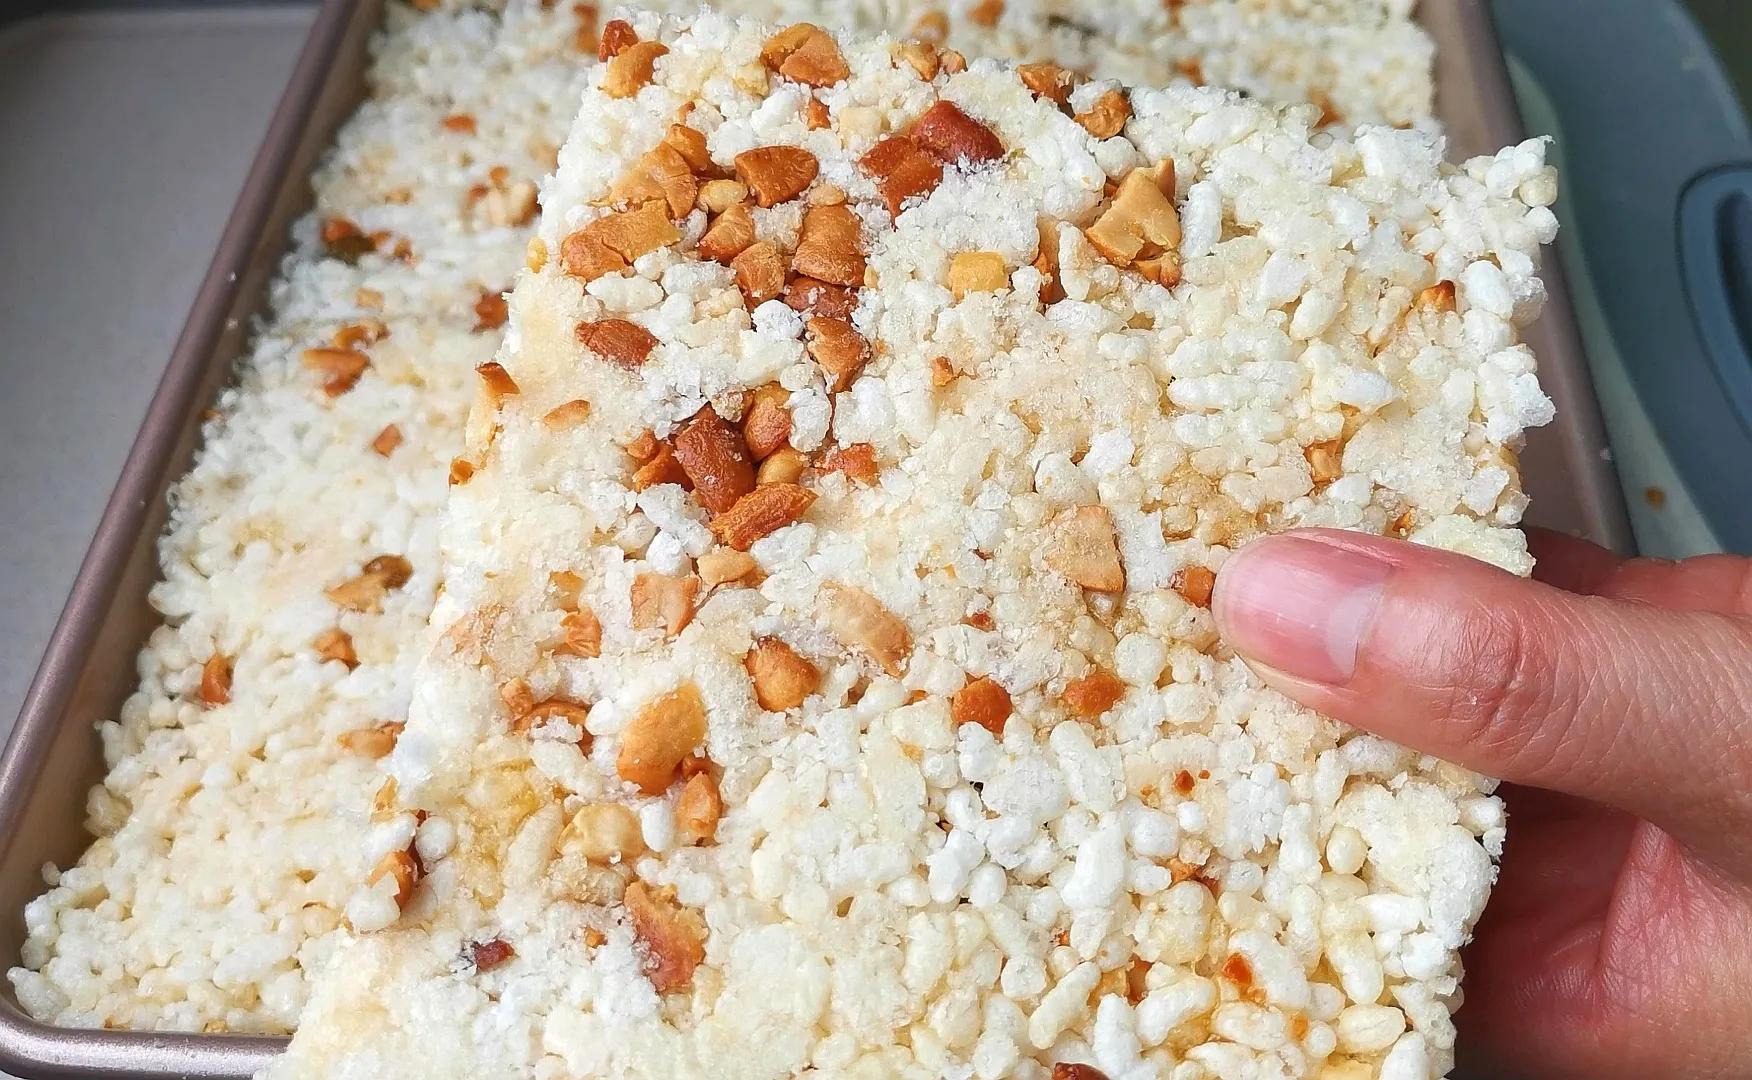 把大米倒进油锅里个个爆开花,简单4步,轻松做成福建的米花糖 美食做法 第2张